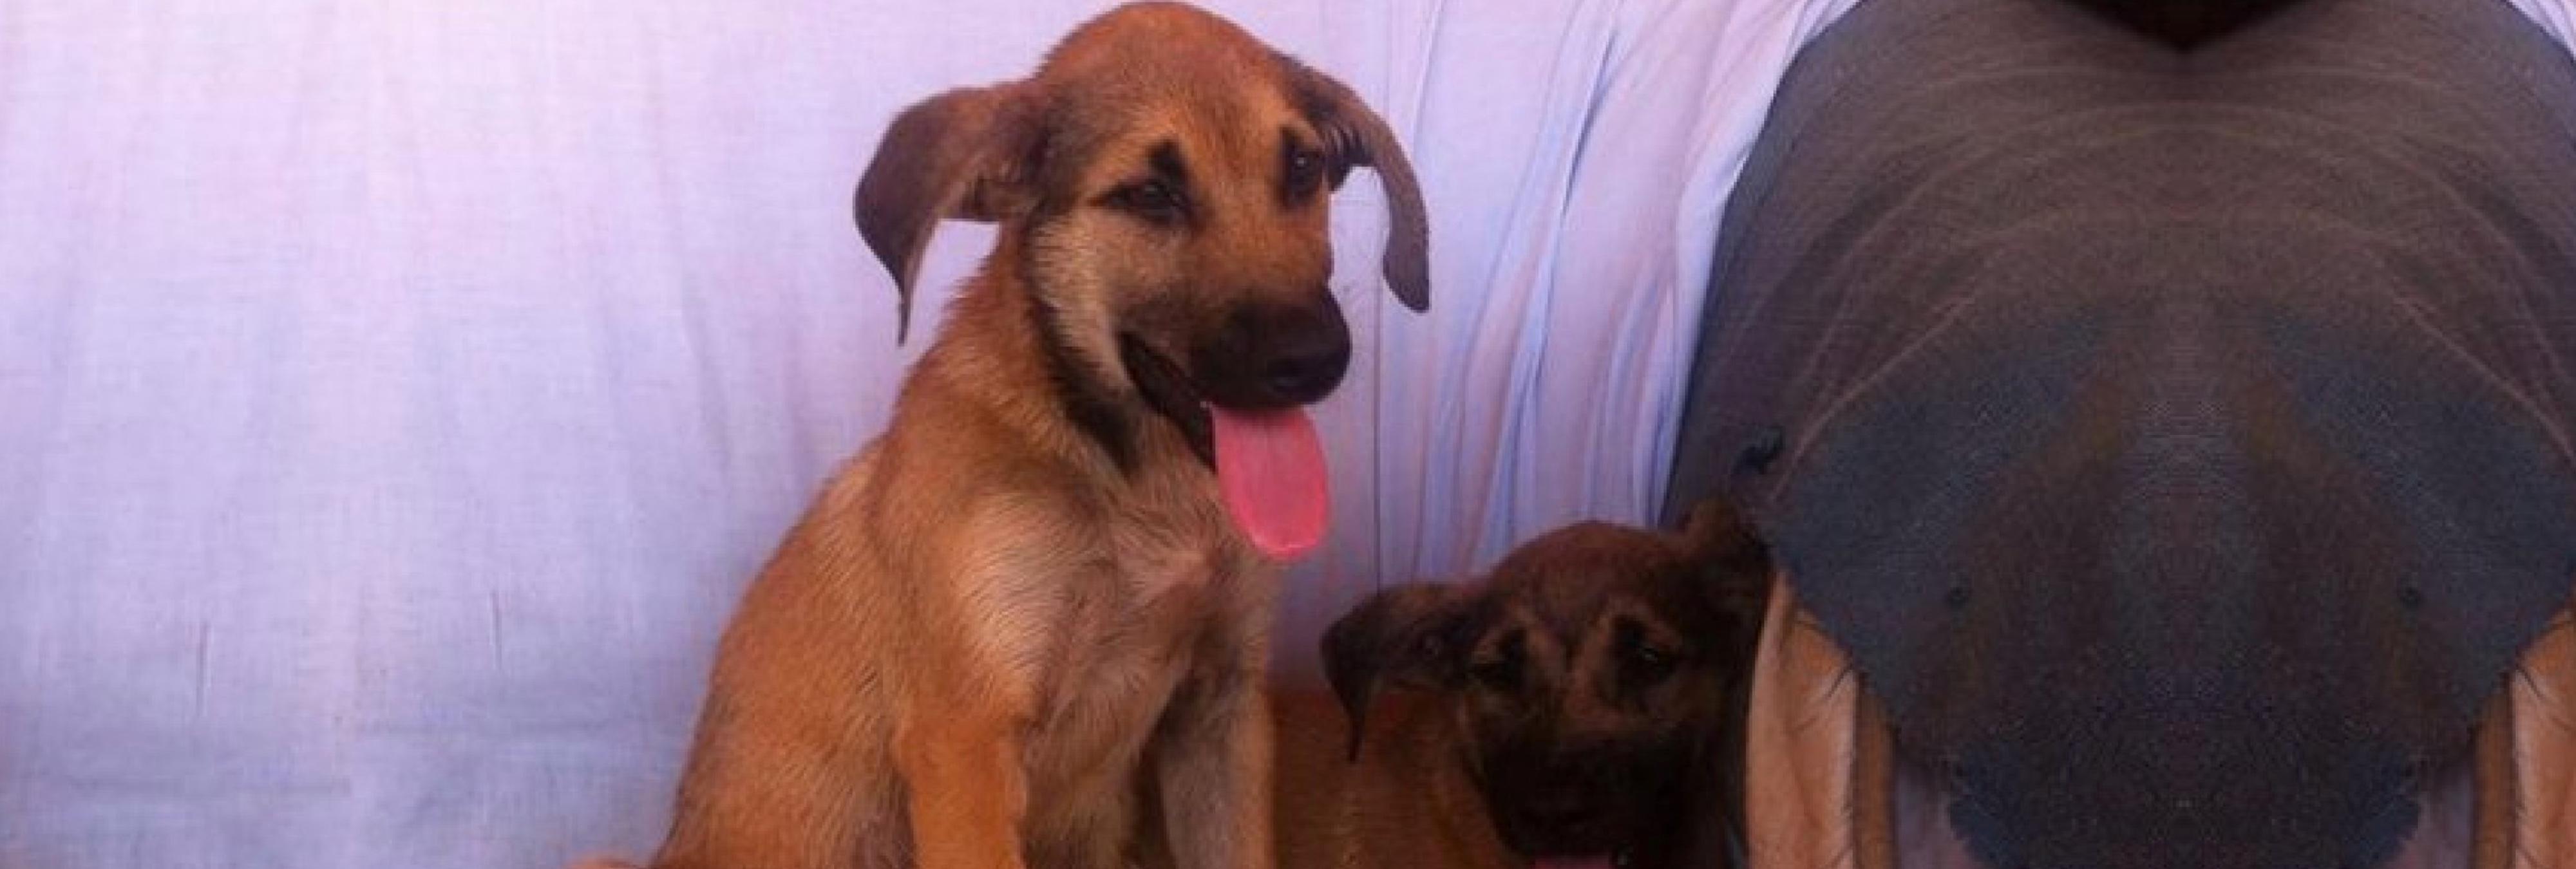 Los cachorros Chapa y Pote se recuperan después de que su dueño los arrojara a una balsa con alquitrán